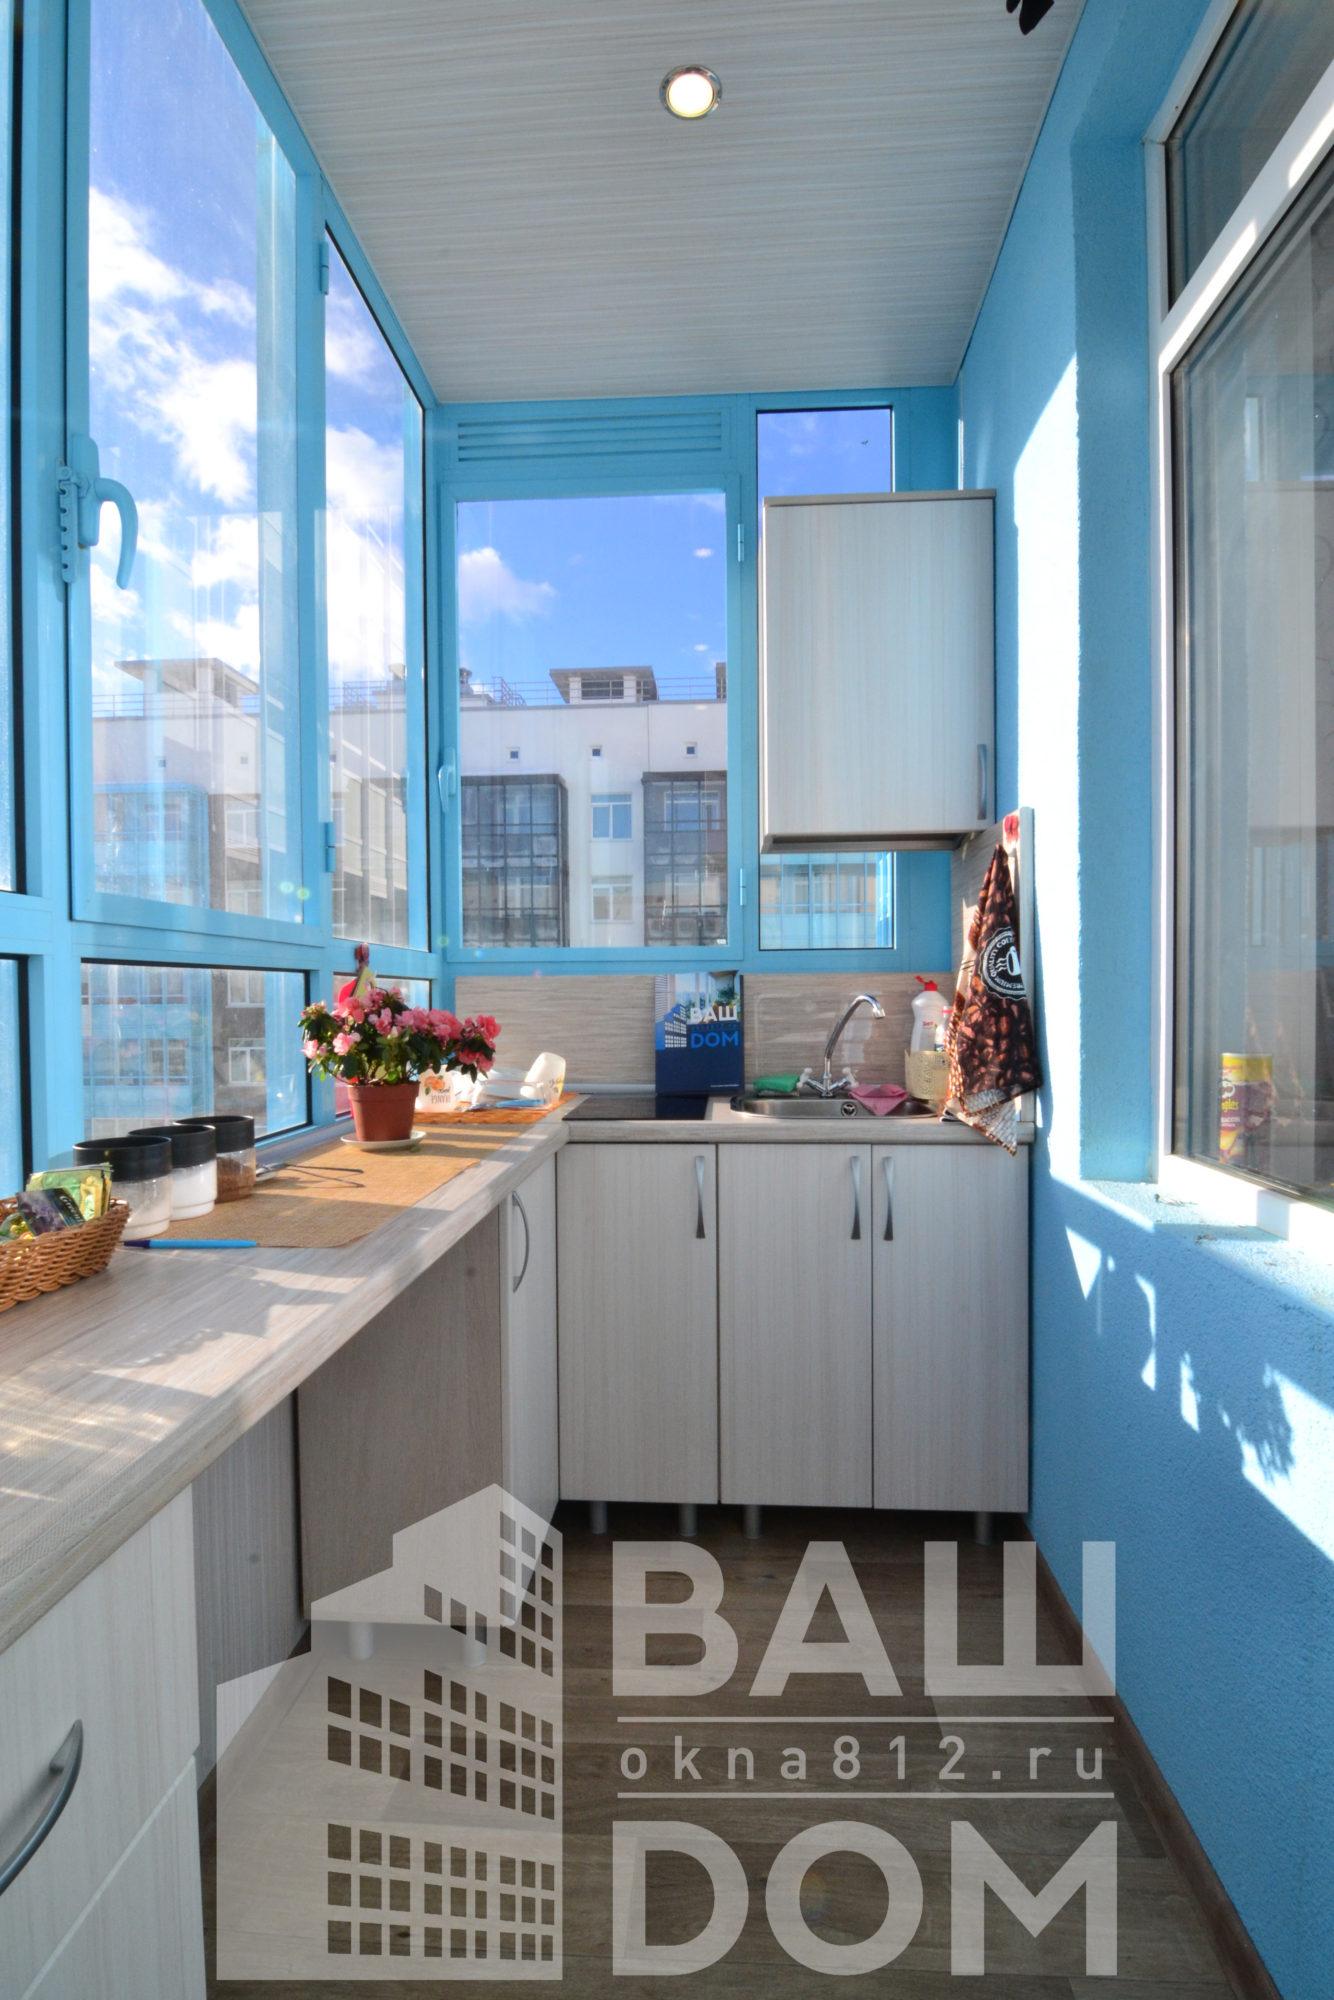 kak-organizovat-kuhnyu-na-balkone-1